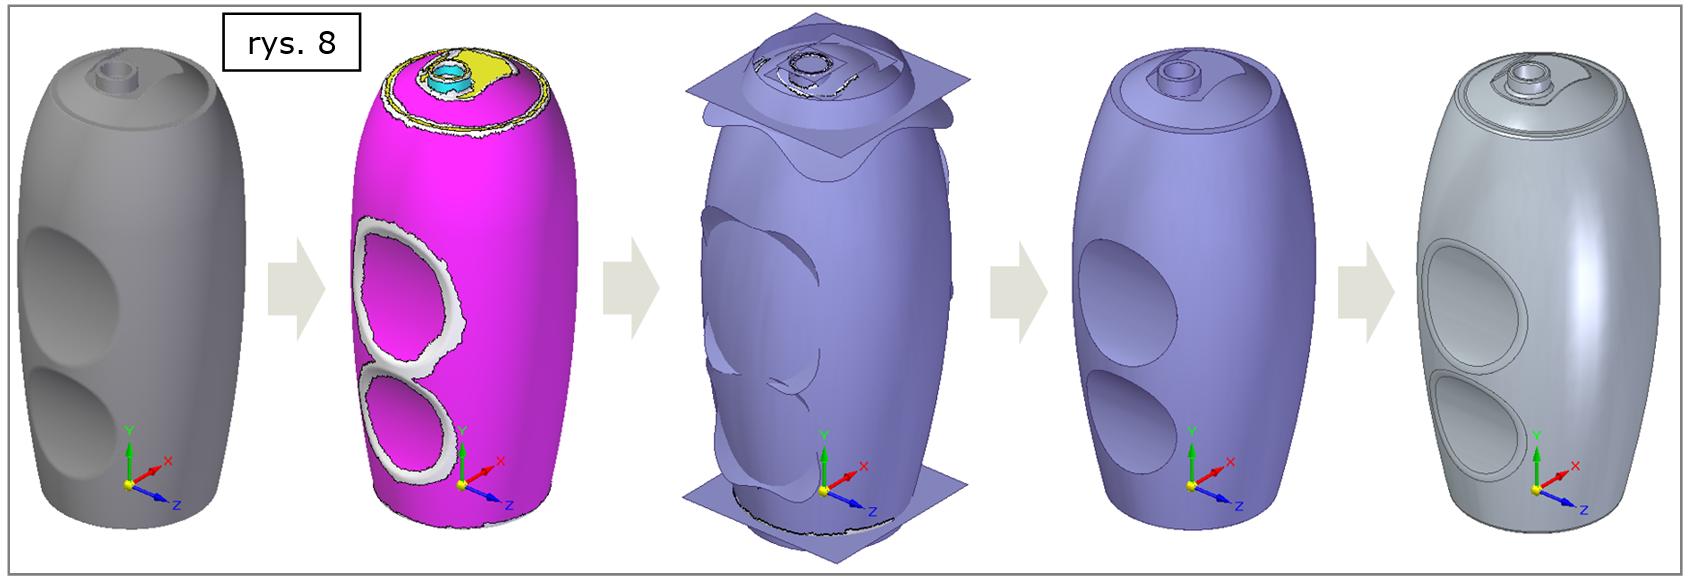 Modelowanie powierzchniowo bryłowe w Solid Edge ST10 - proces na przykładzie zmiany 'chmury punktów' po skanowaniu geometrii opakowania, do postaci analitycznego modelu bryłowego